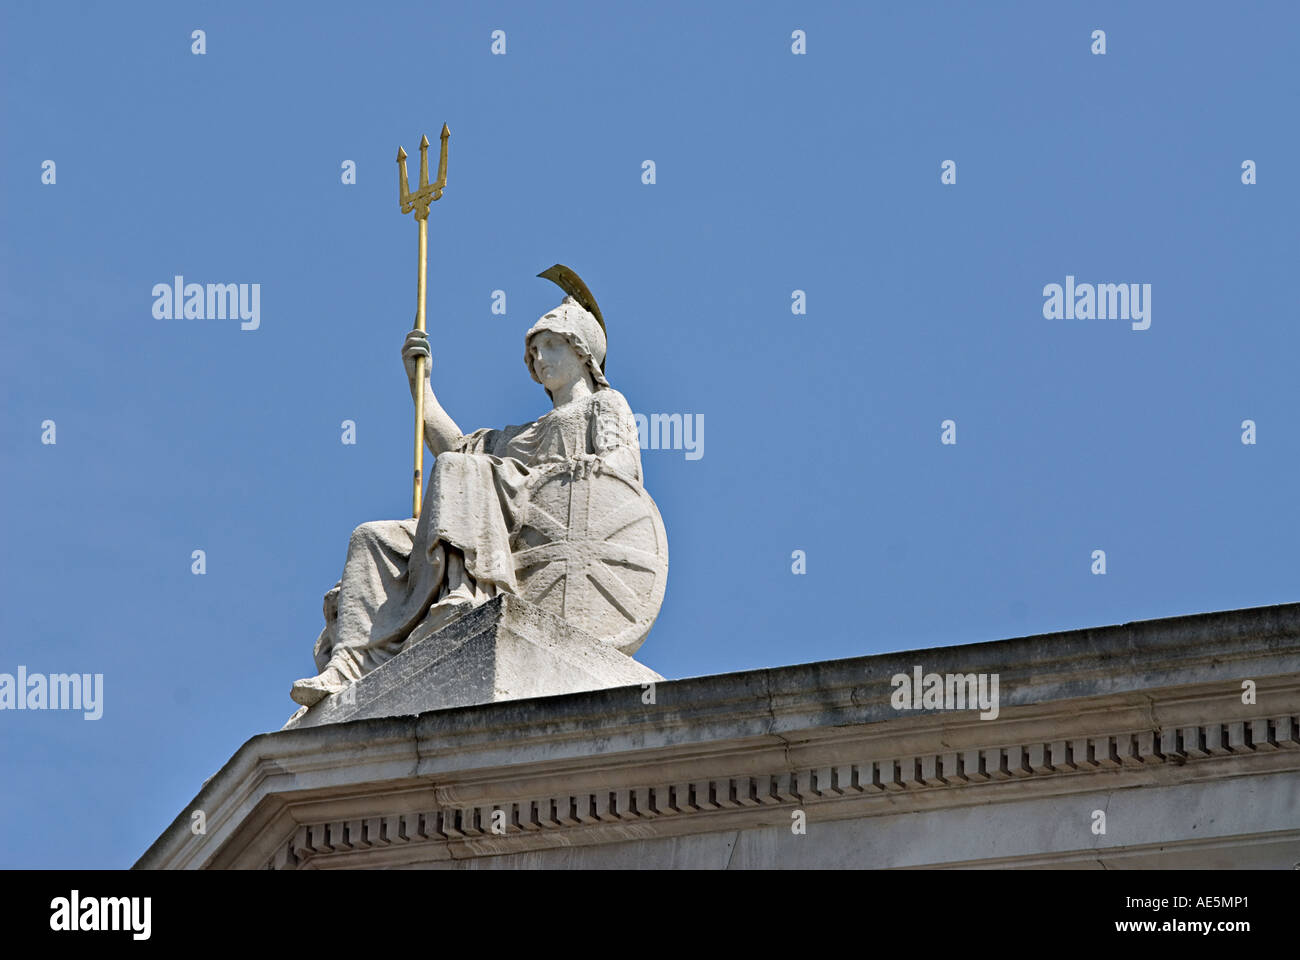 Scultura di Britannia sull'ala ad ovest del Somerset House home dell'Inland Revenue Londra Inghilterra Regno Unito Immagini Stock